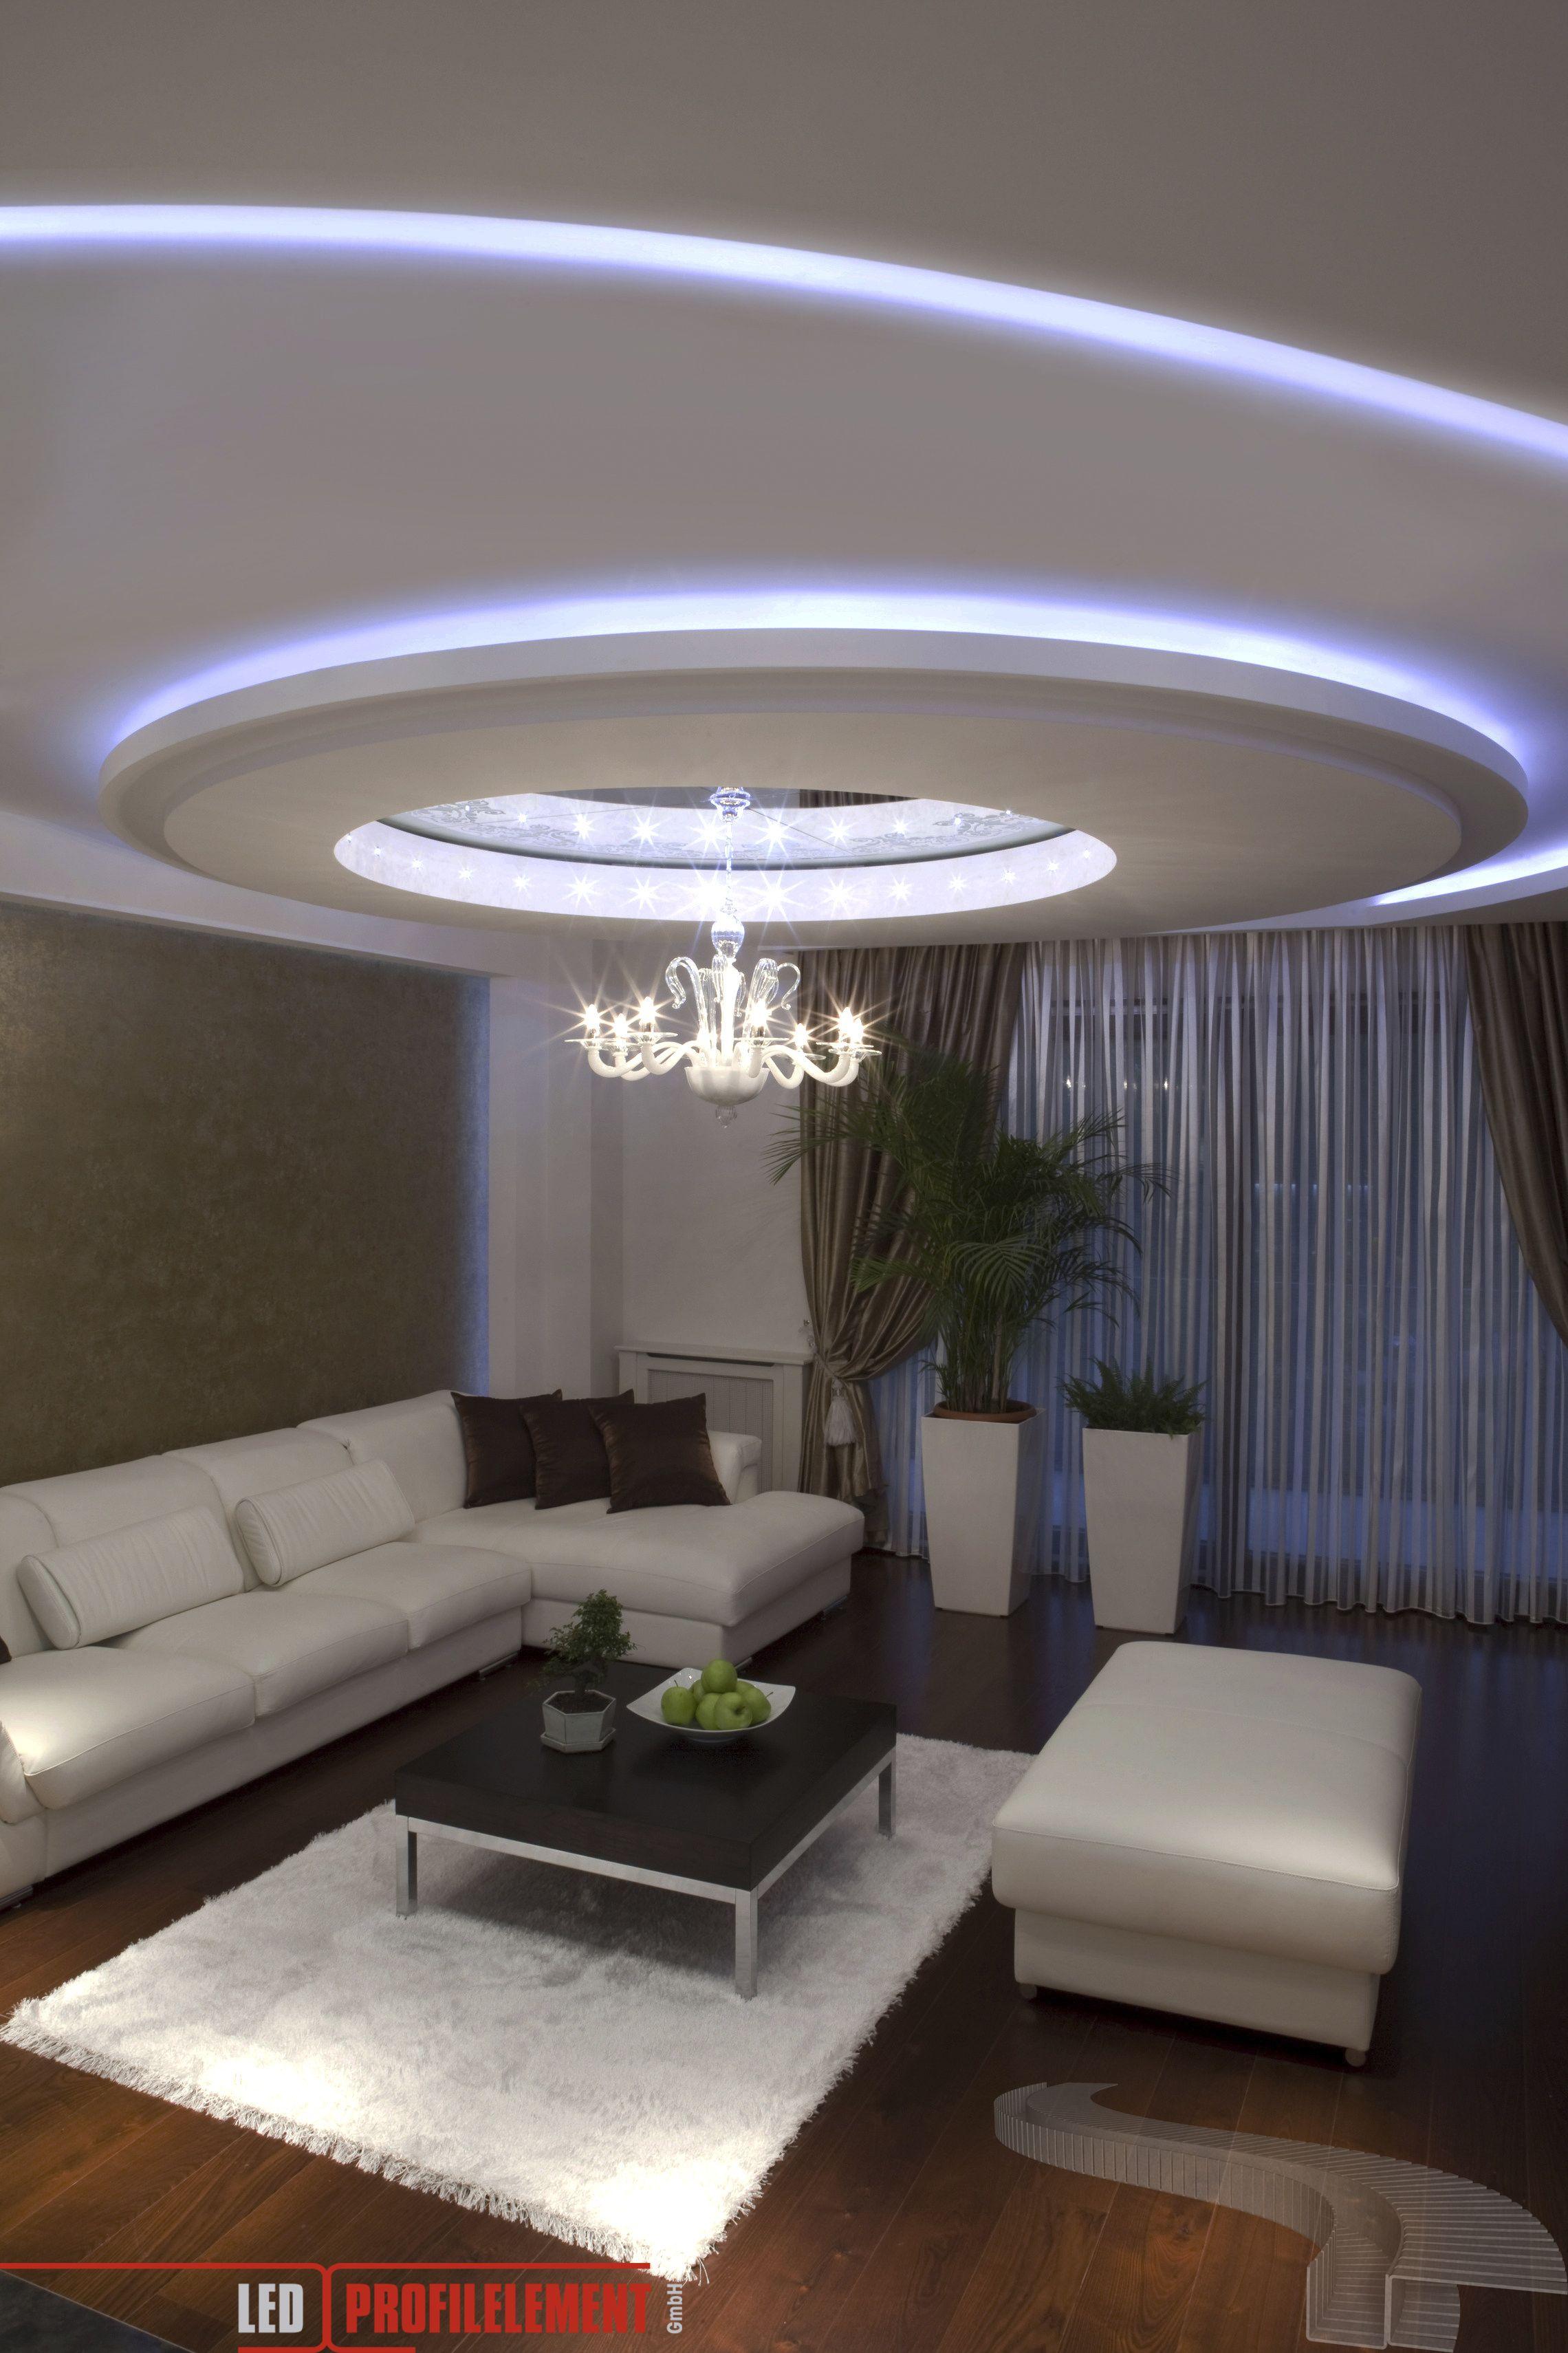 Interior design-ideen wohnzimmer mit tv die flexibilität der ledprofile in verbindung mit den stripes